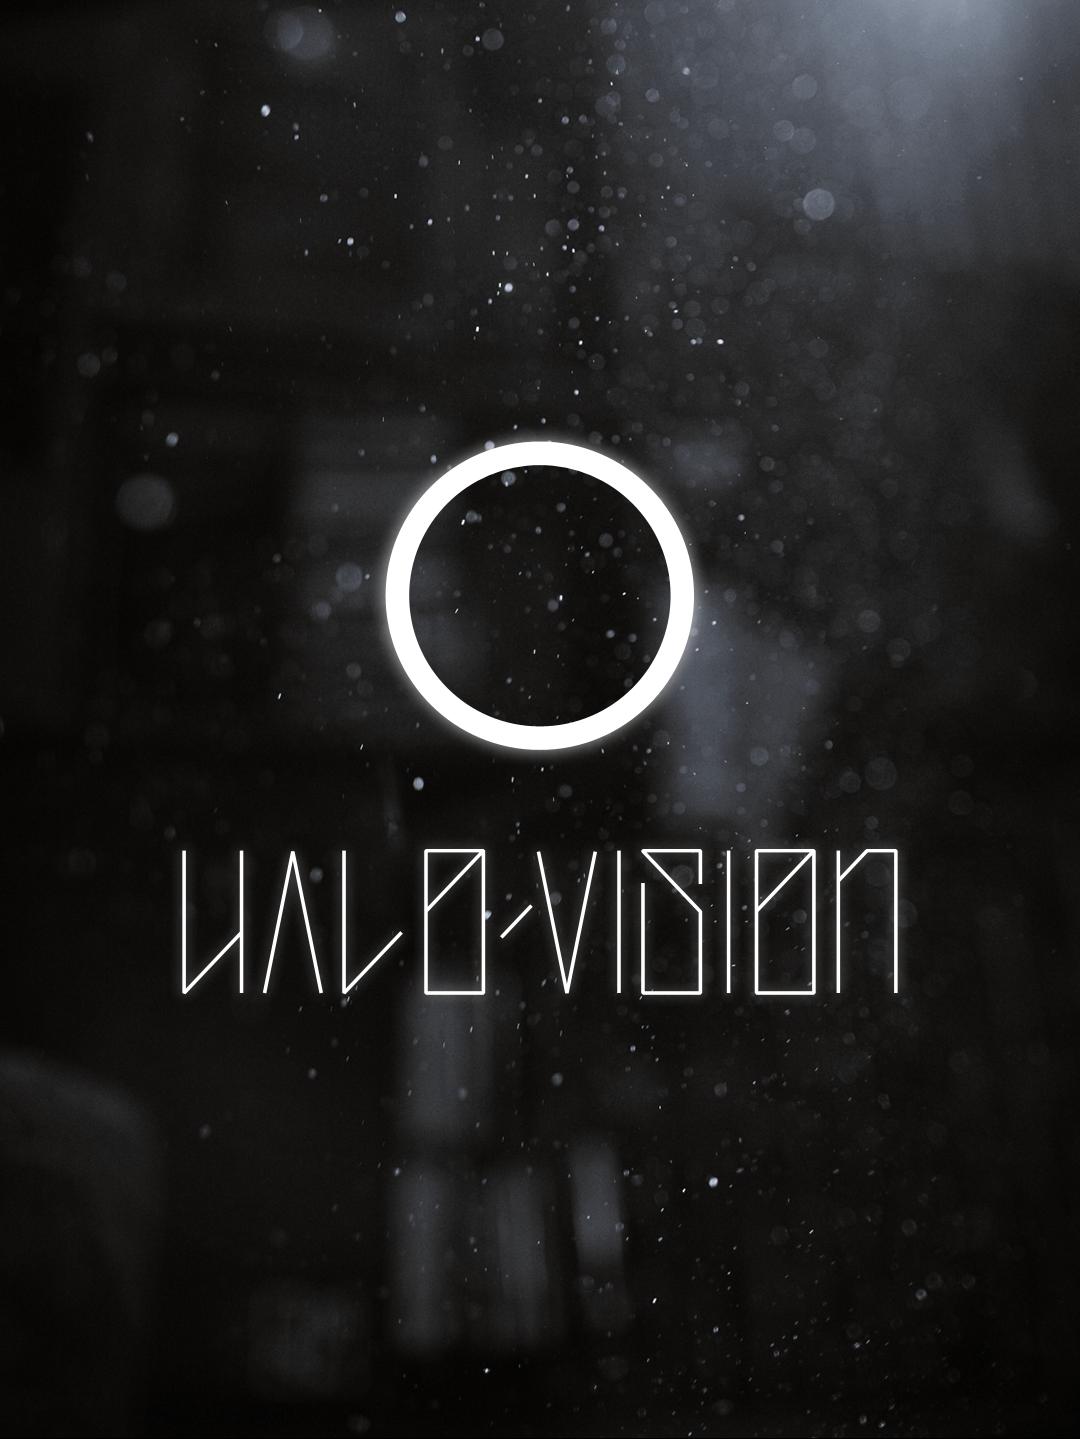 id_Halovision.png